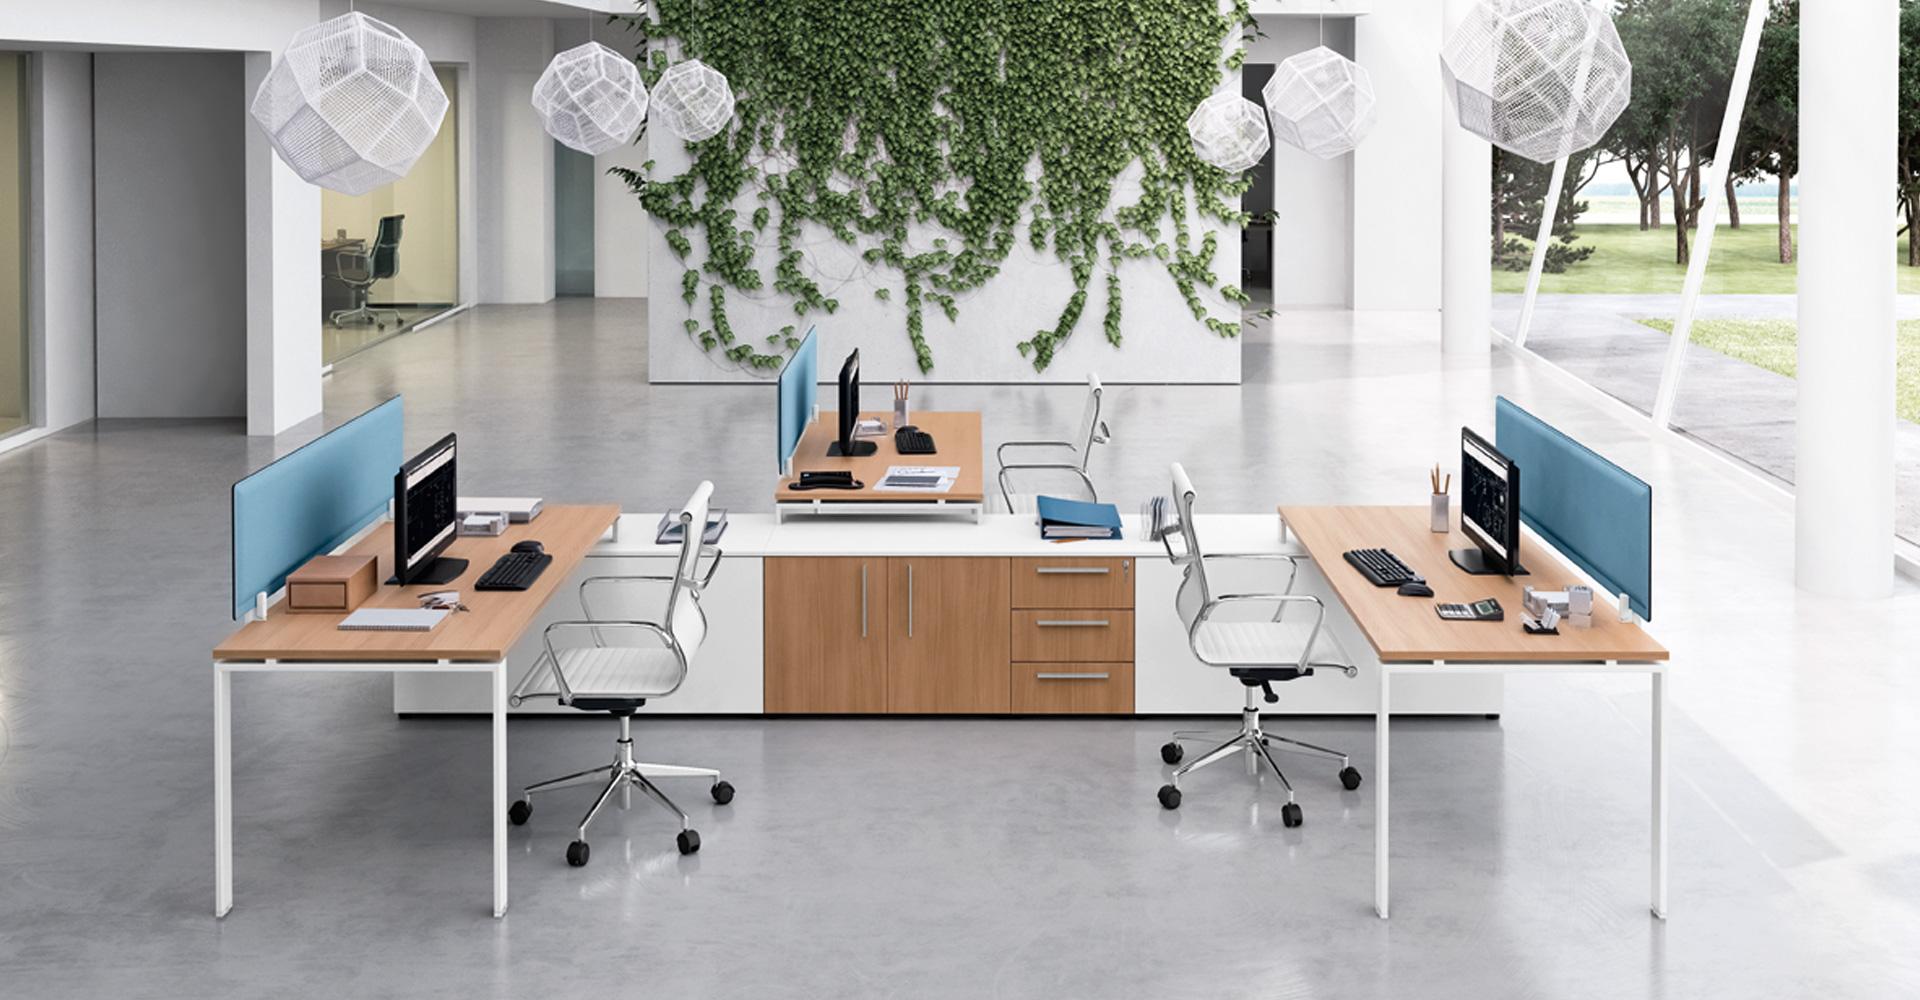 Ldo vente de mobilier de bureau - Mobilier de bureau montpellier ...